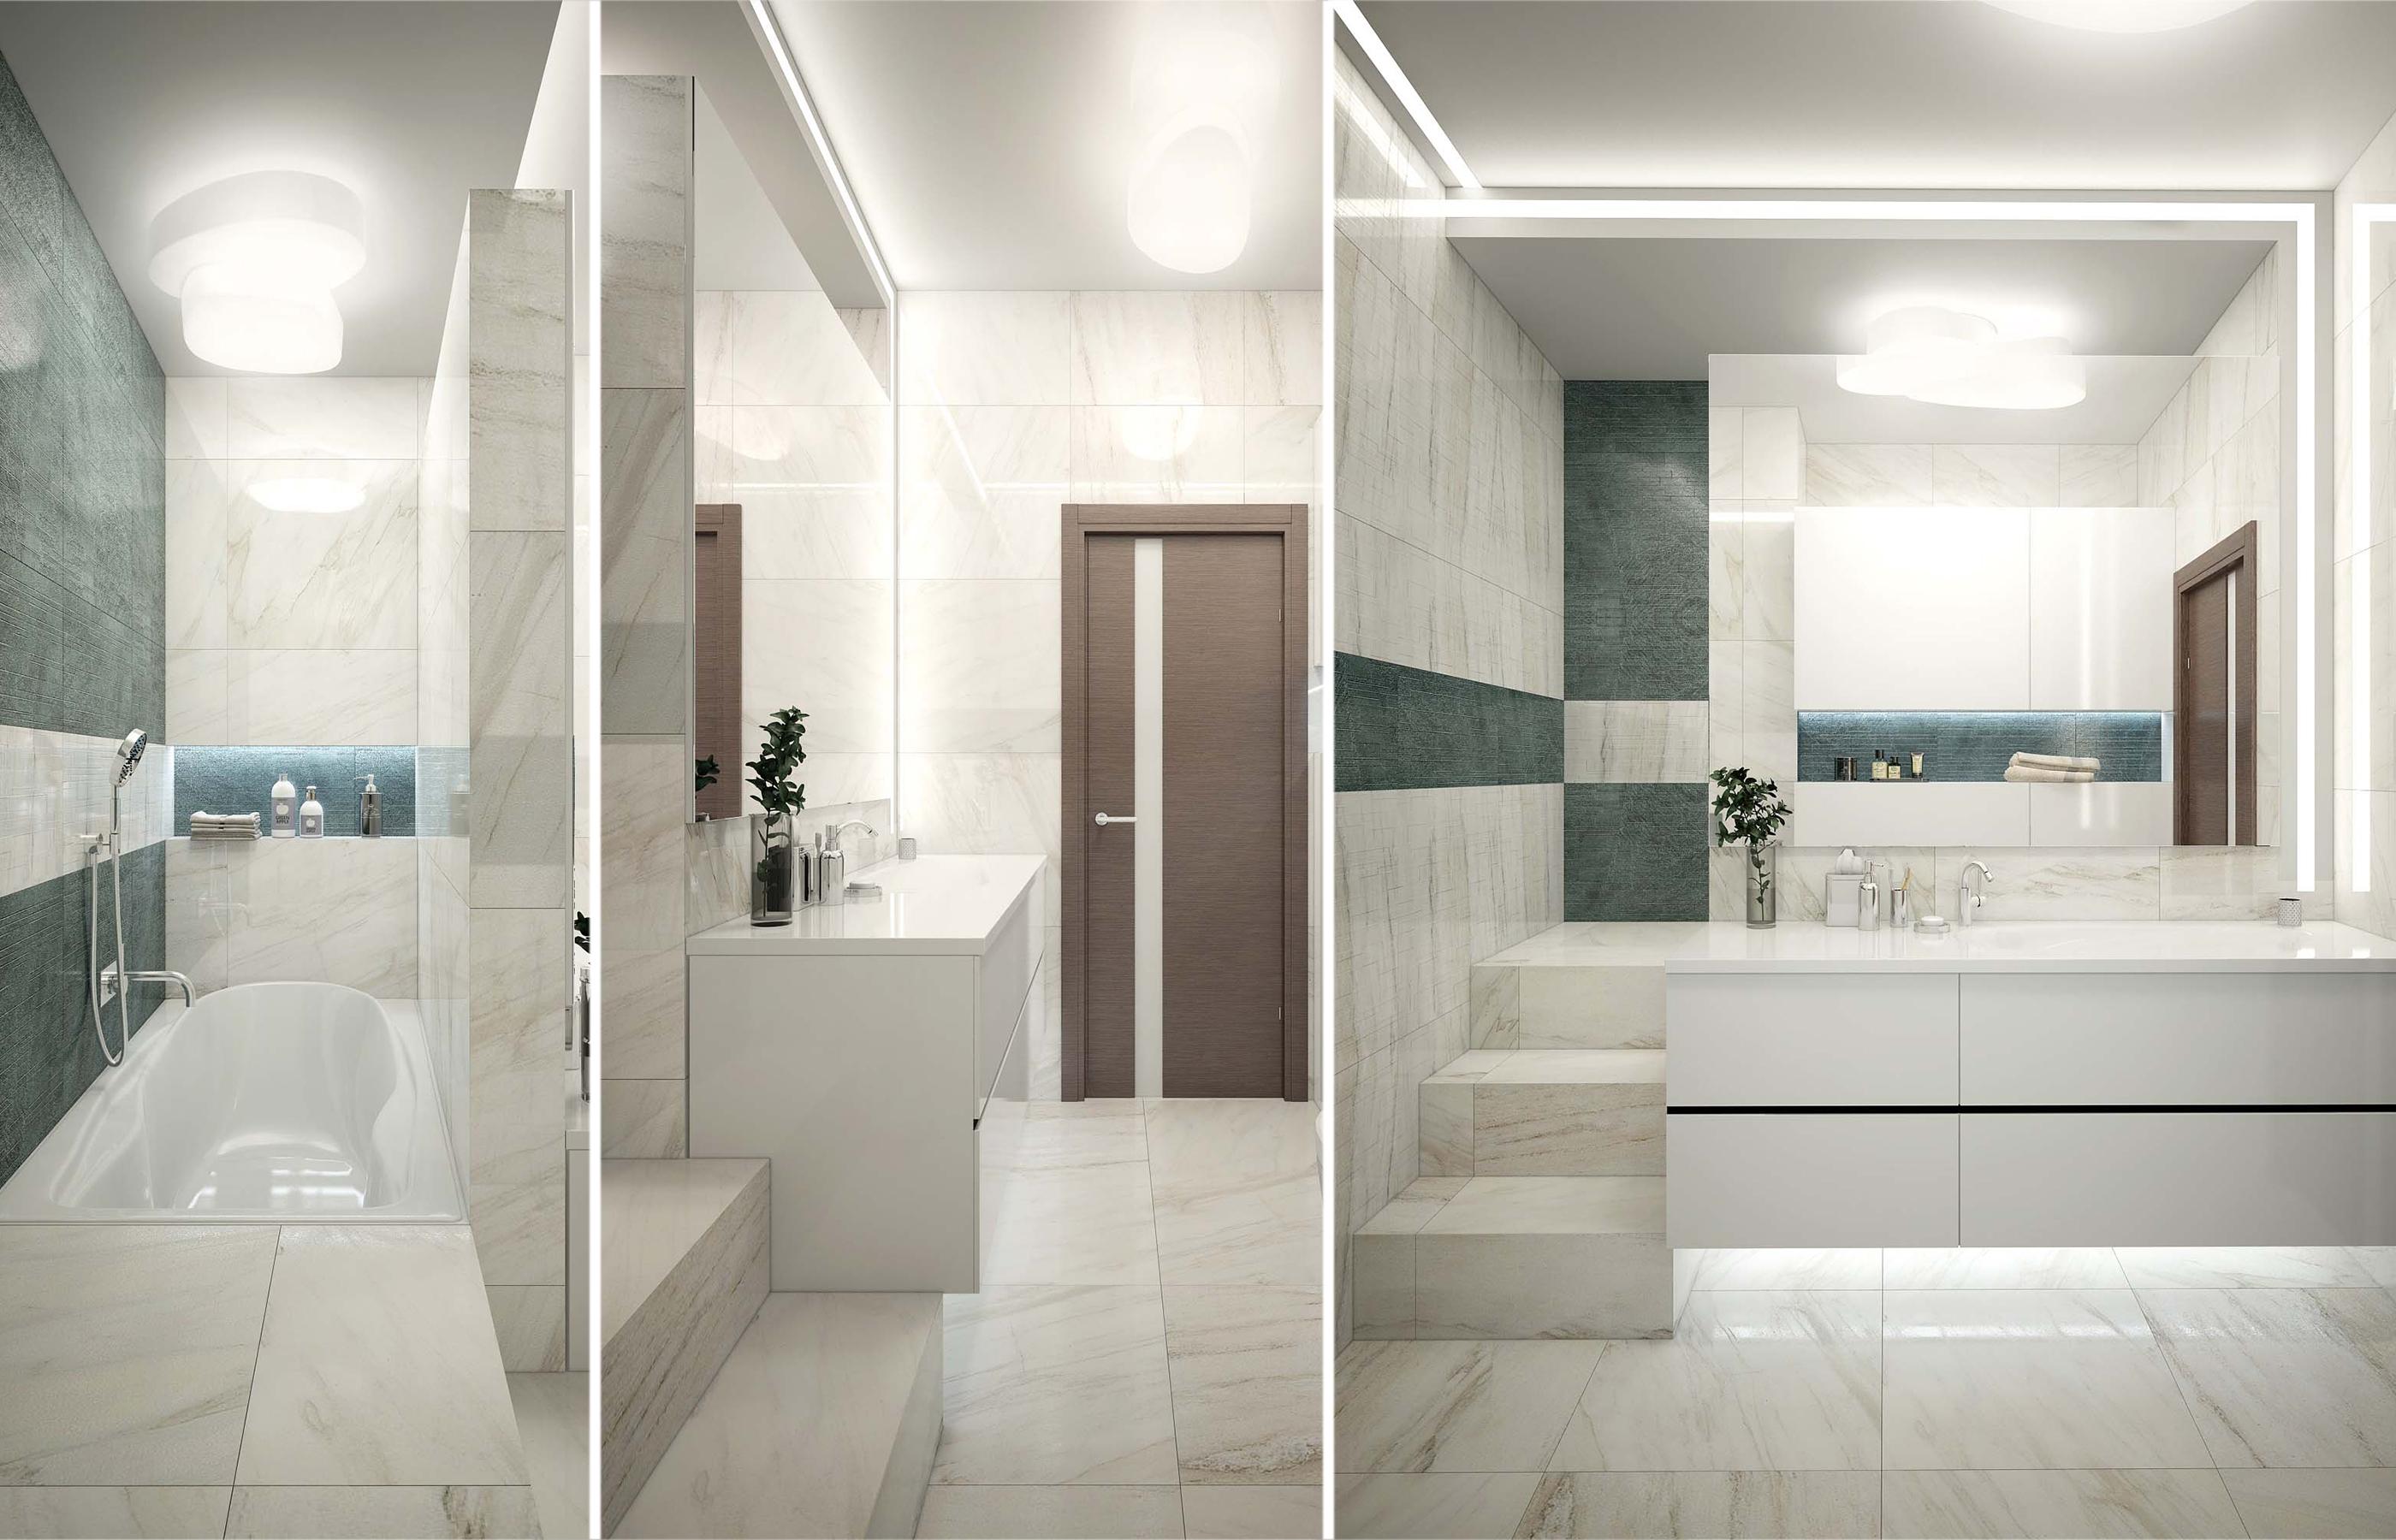 Дизайн интерьера ванной комнаты, разделенной зеркальной перегородкой